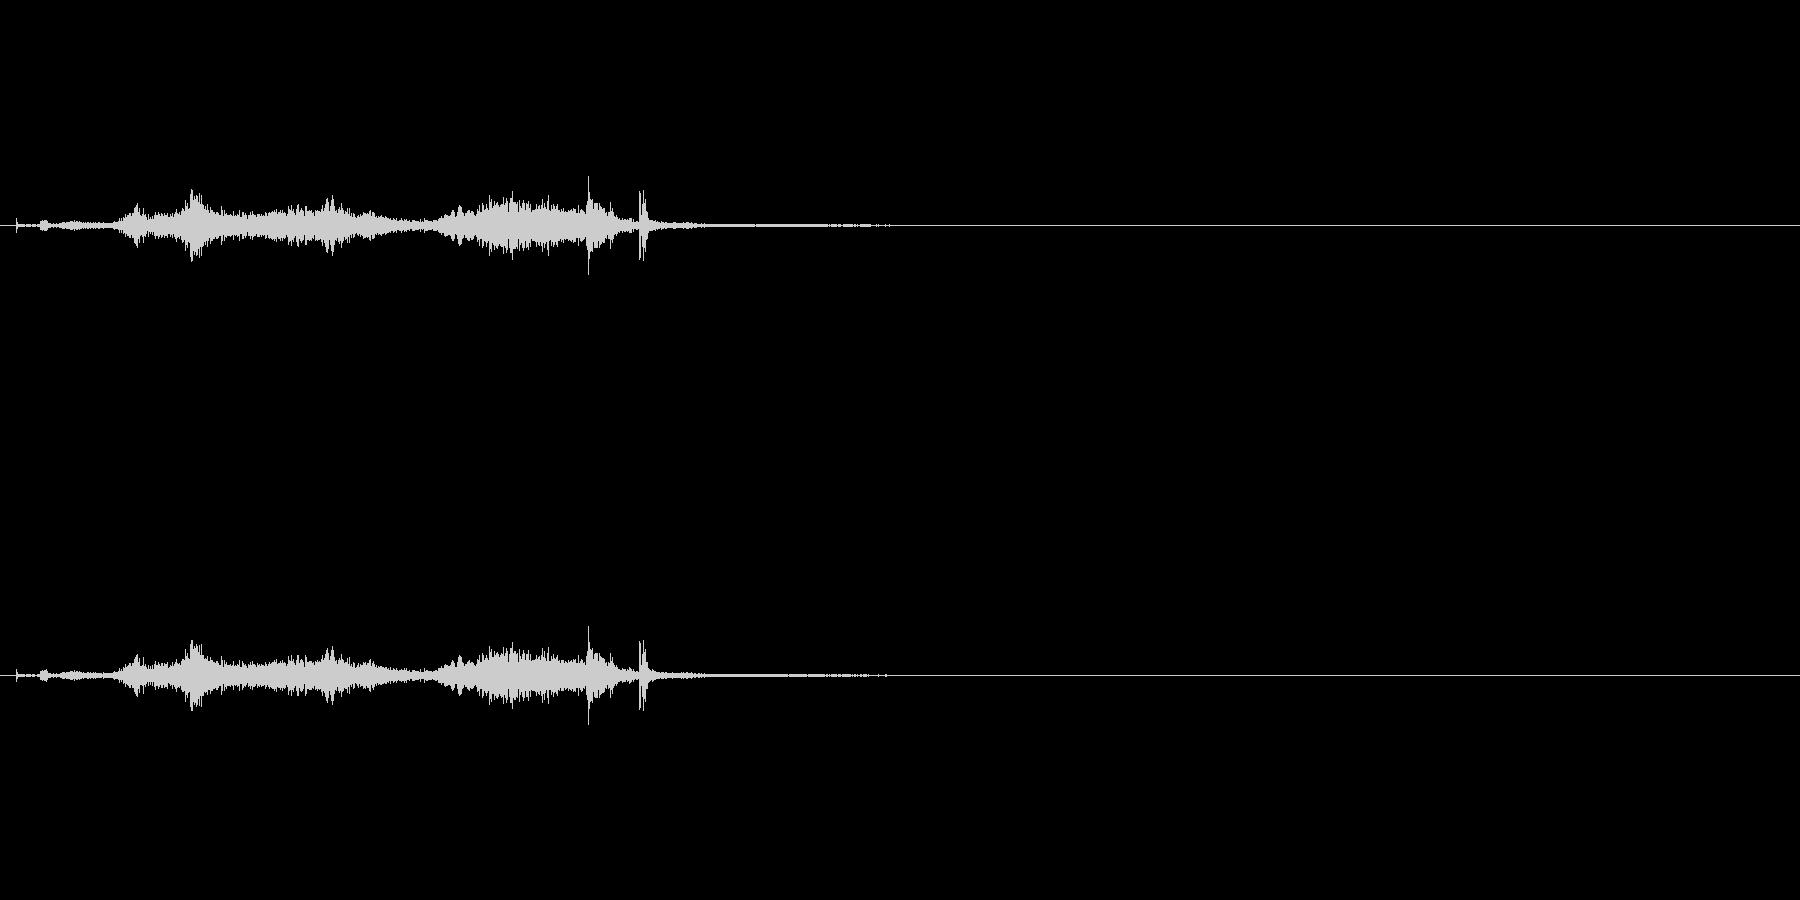 シャキーン 鞘から刀を抜く音の未再生の波形